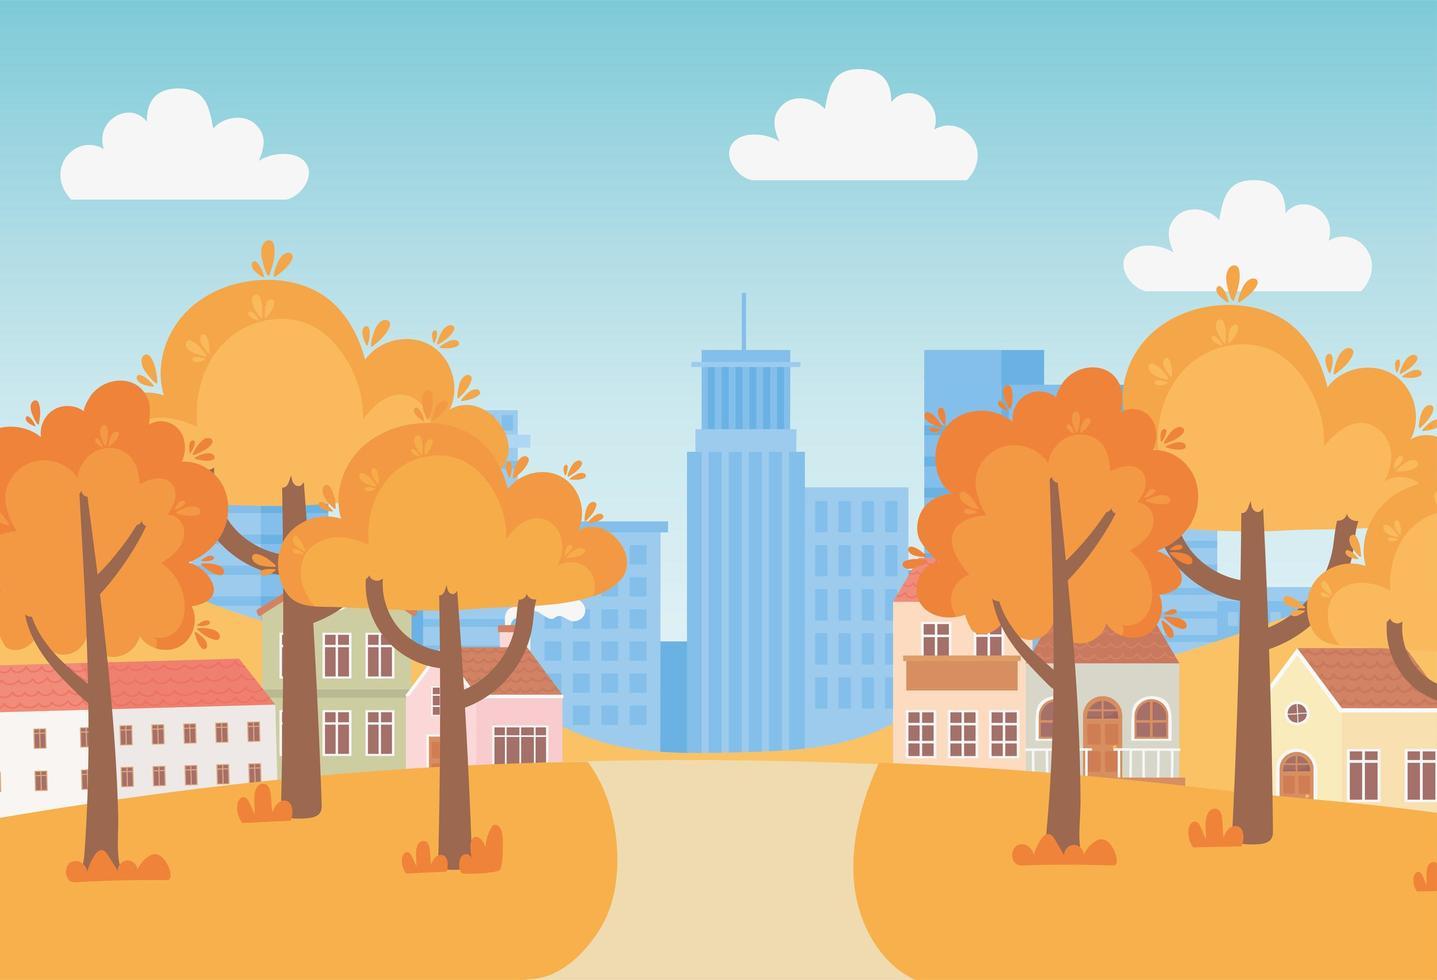 landschap in de herfst. huizen in de voorsteden en stedelijk stadsbeeld vector